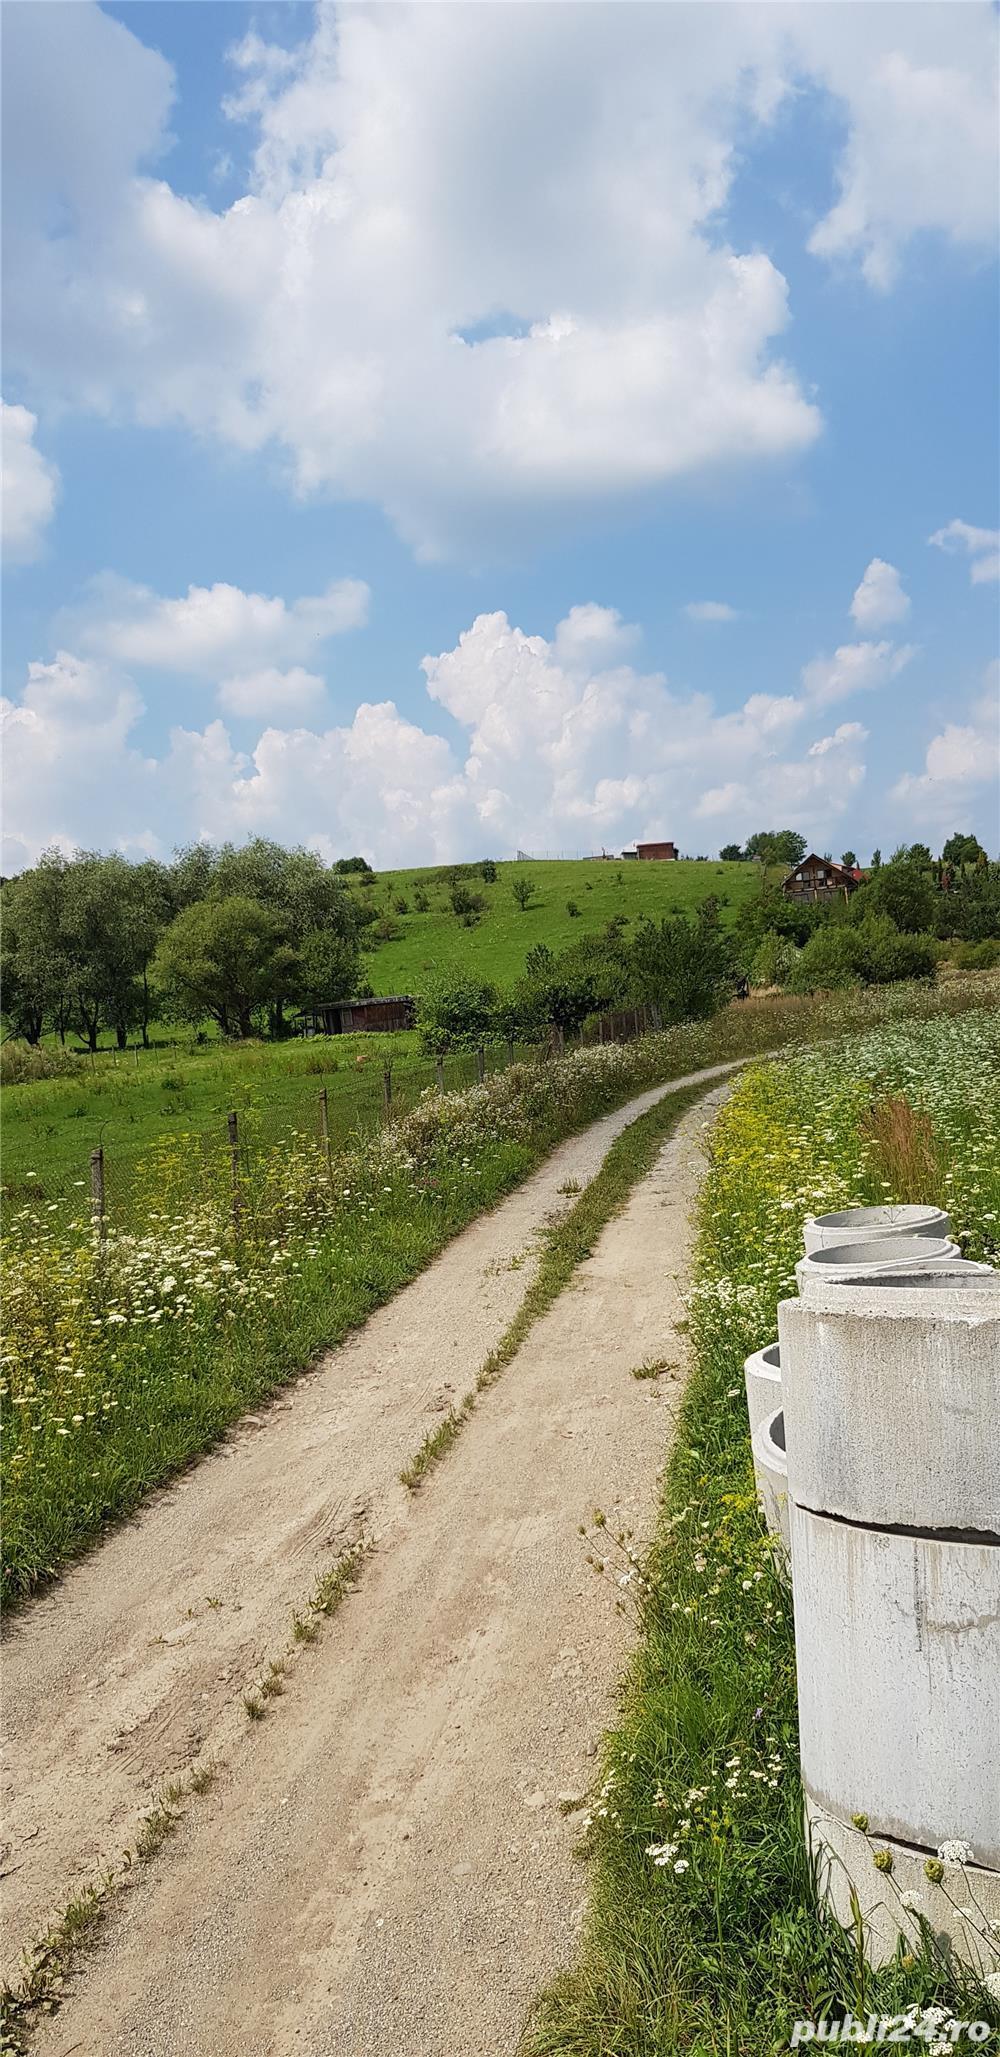 Vand teren intravilan 10500 mp. situat in Cisnadie pe soseaua Selimbarului